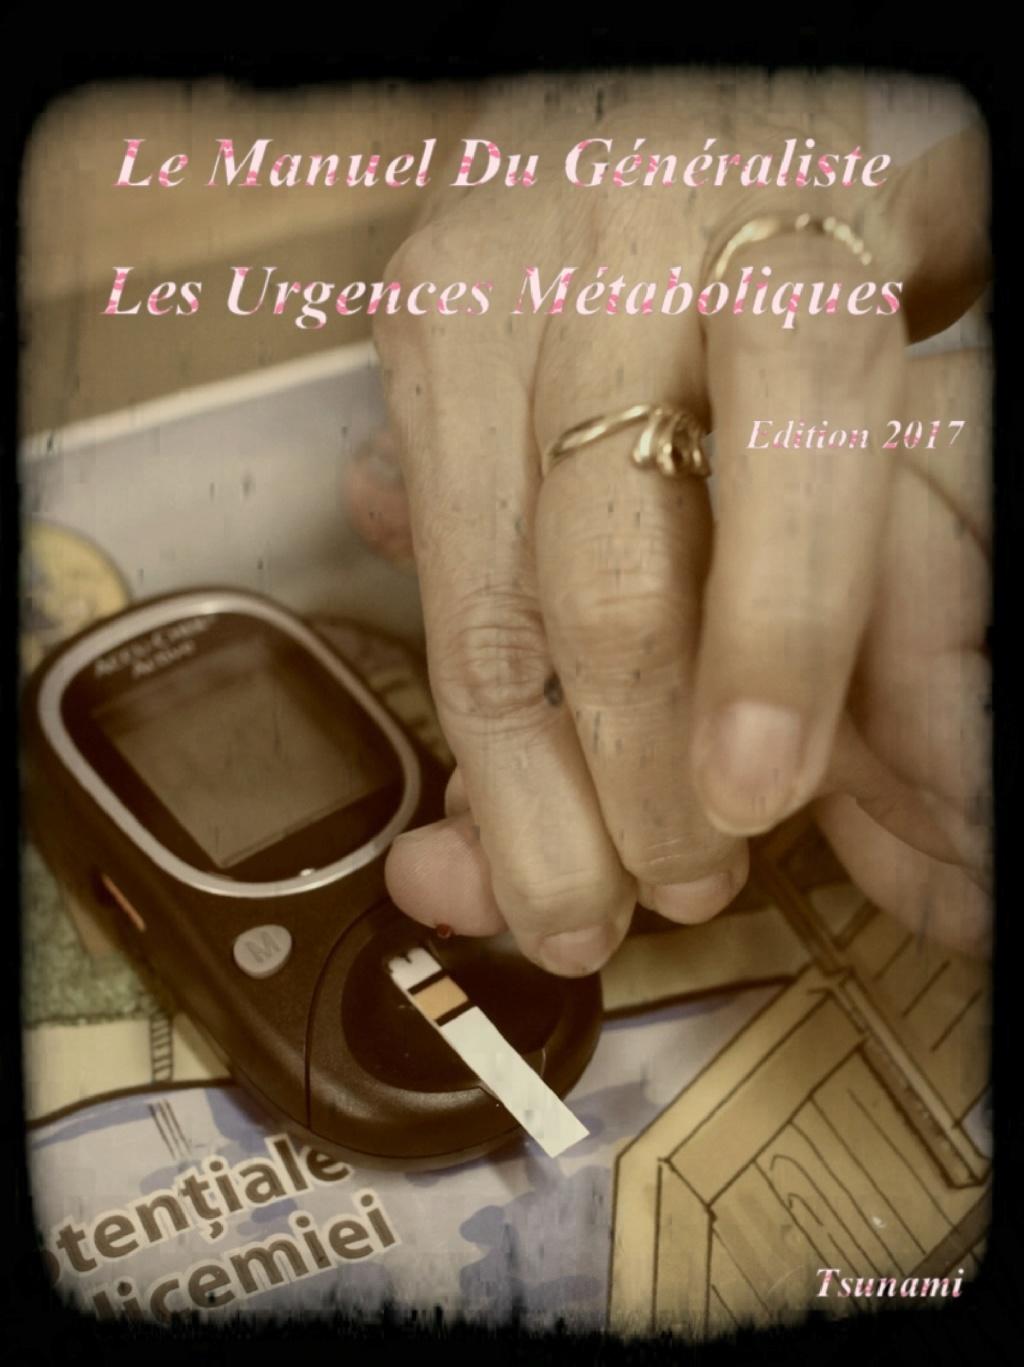 Livres Médicales - Le Manuel Du Généraliste 2017 Les Urgences Métaboliques Le_man23